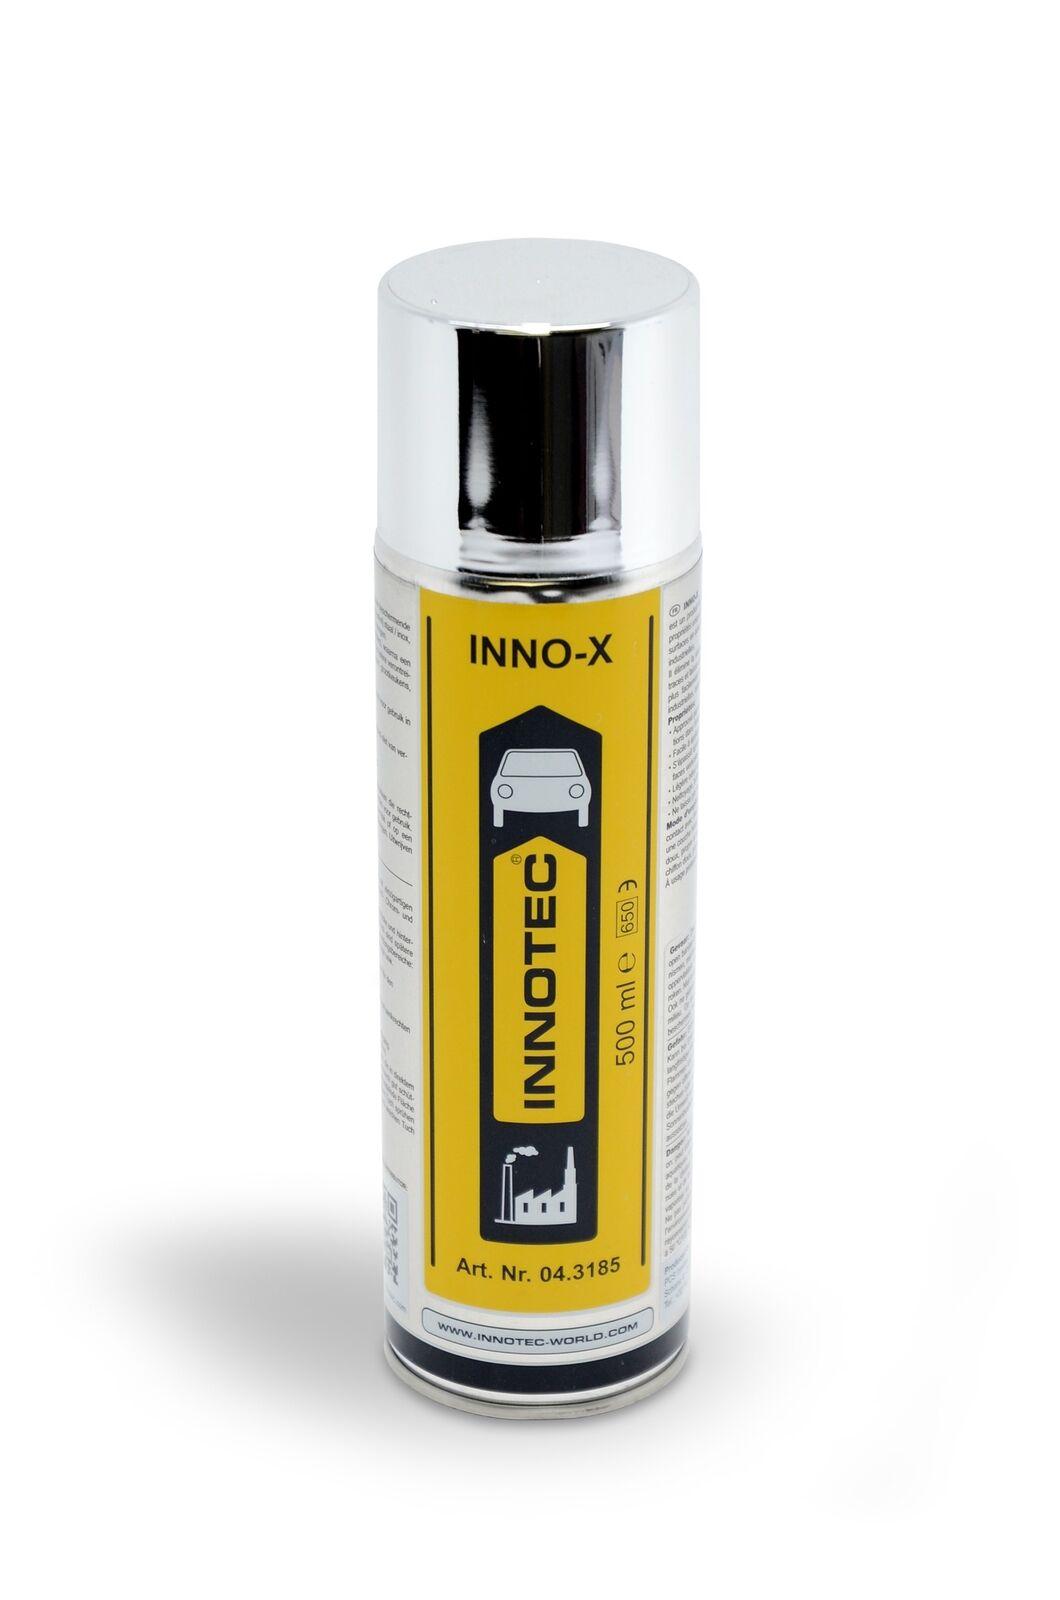 Innotec INNO-X, Reinigungs- und Glanzmittel für Edelstahl, Chrom, Alu, 500 ml Sp